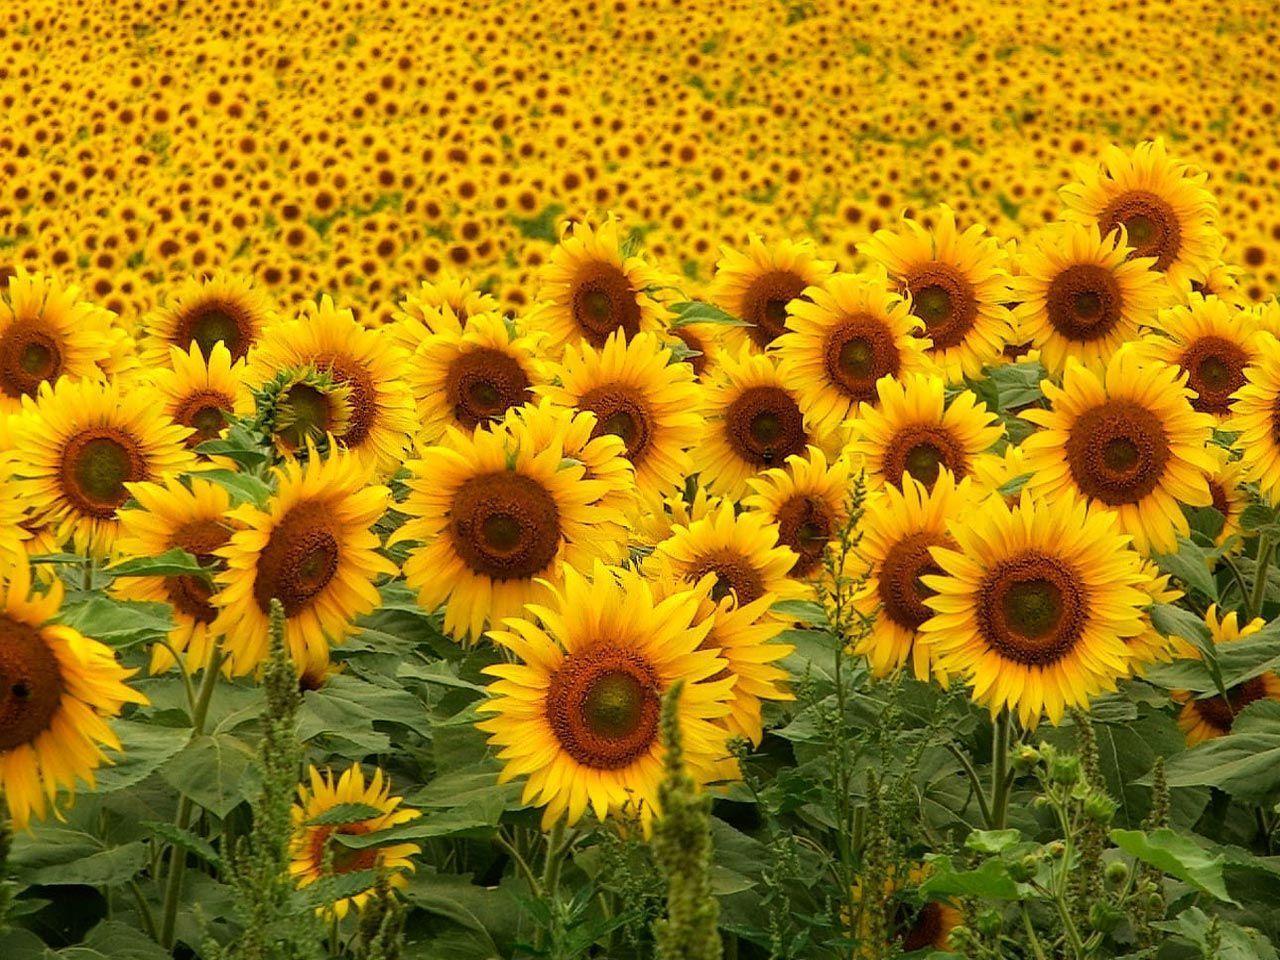 hinh nen hoa huong duong 15